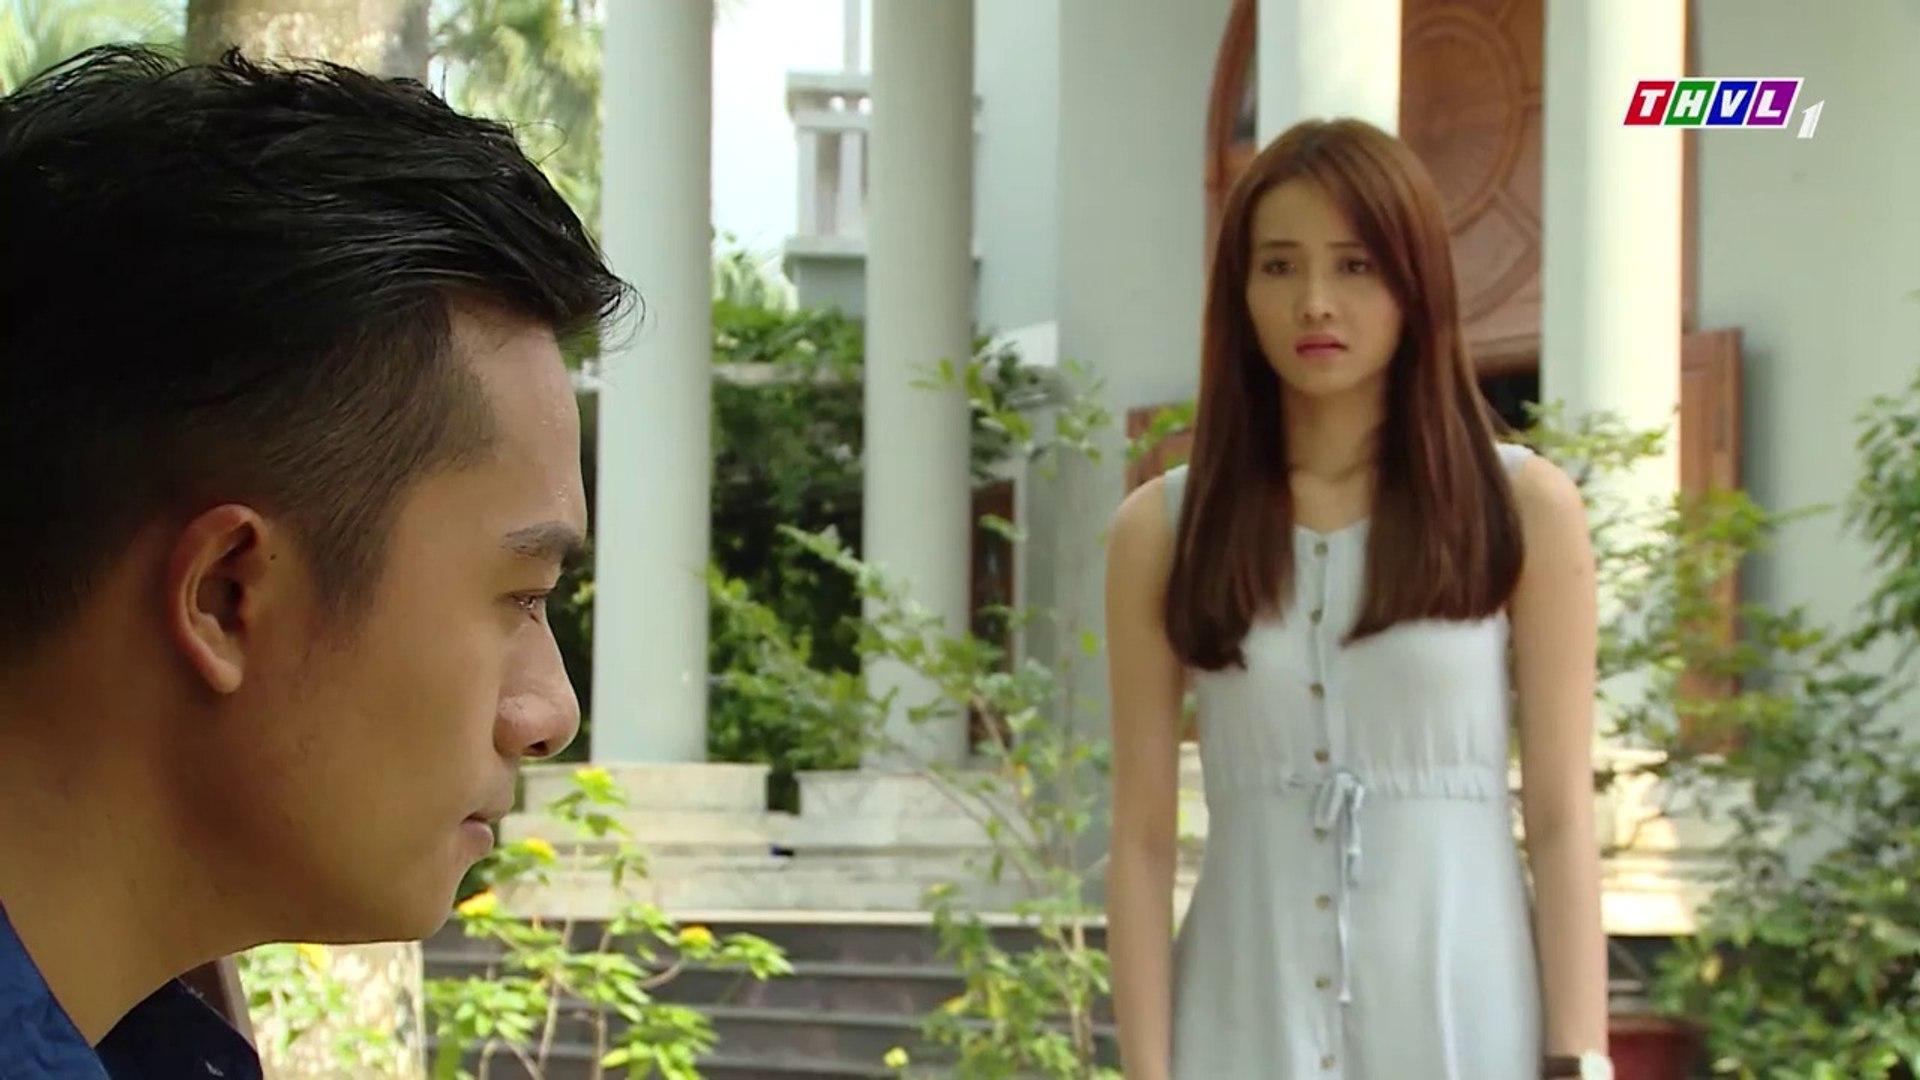 Mật mã hoa hồng vàng tập 45 || Phim Việt Nam  - THVL1 ||  Mat ma hoa hong vang  tập 46 - tập cuối